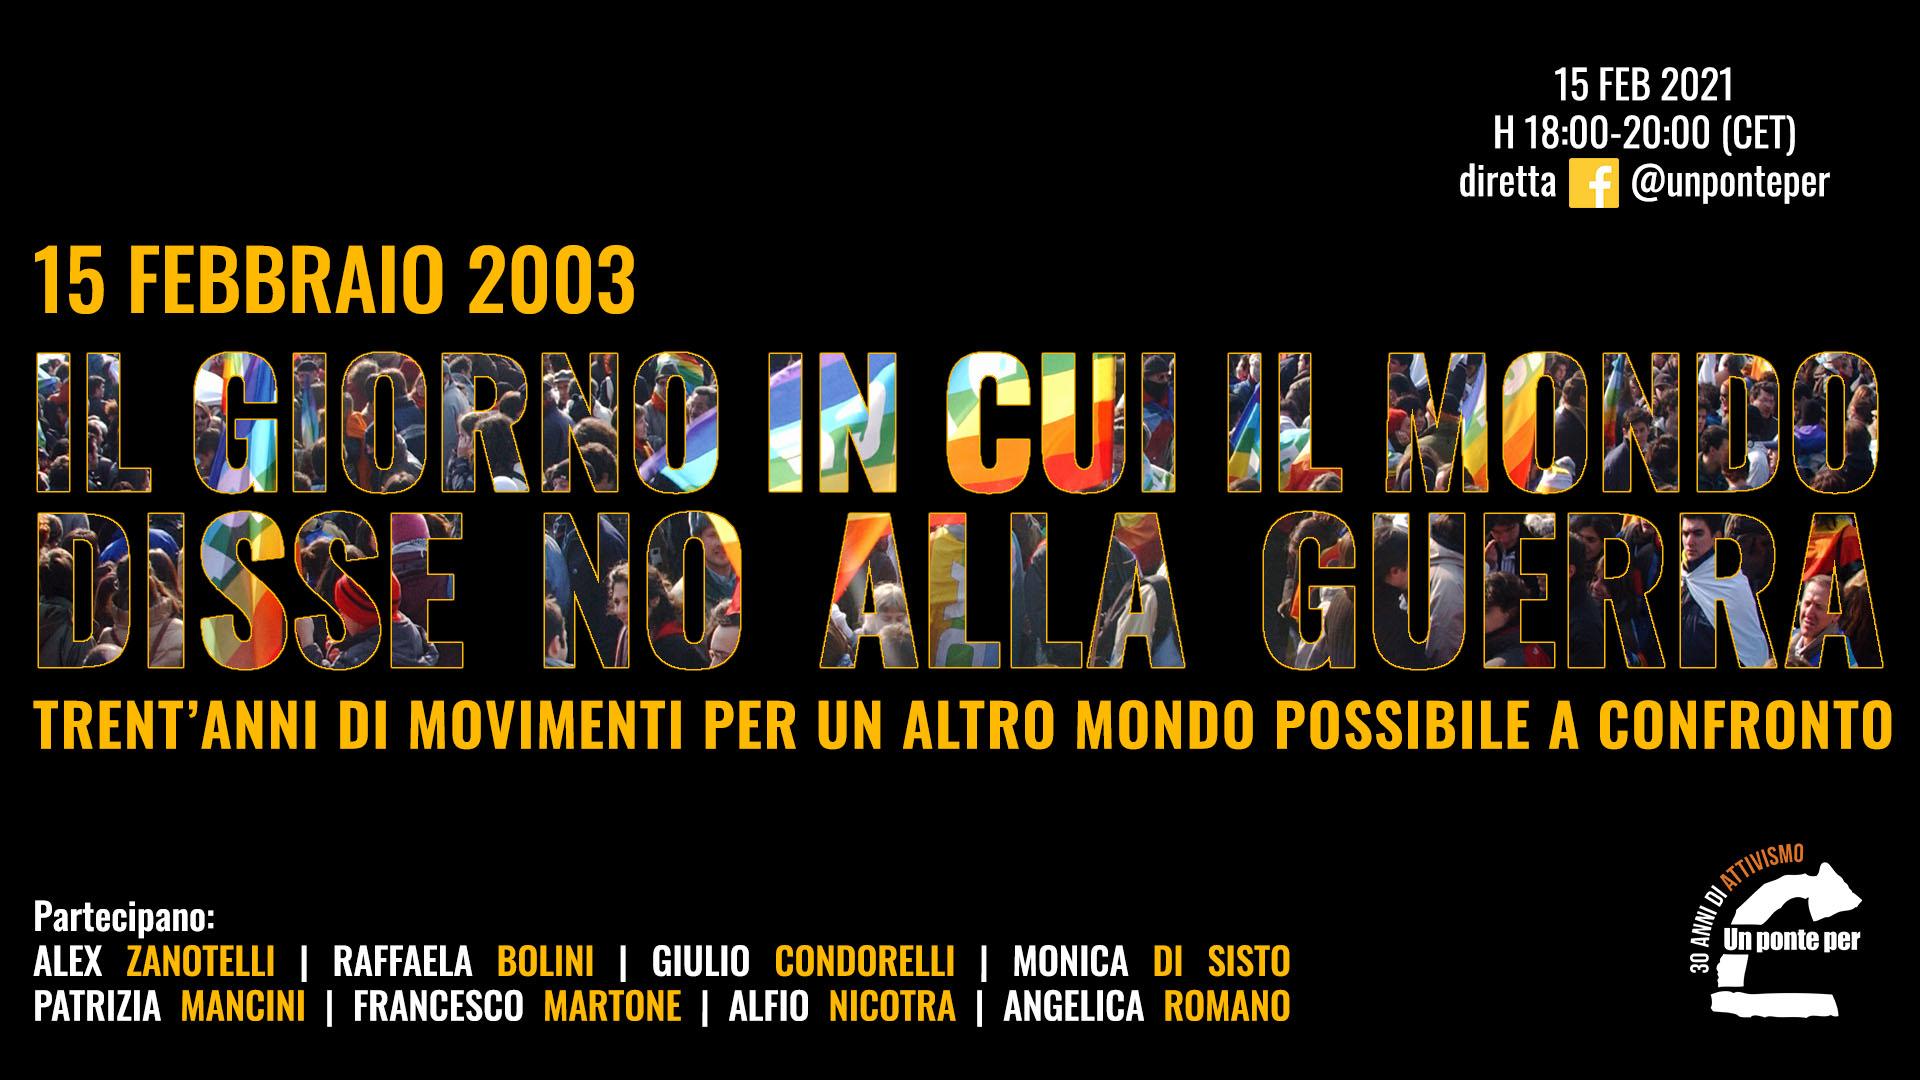 Webinar: 15 febbraio 2003, il giorno in cui il mondo disse no alla guerra